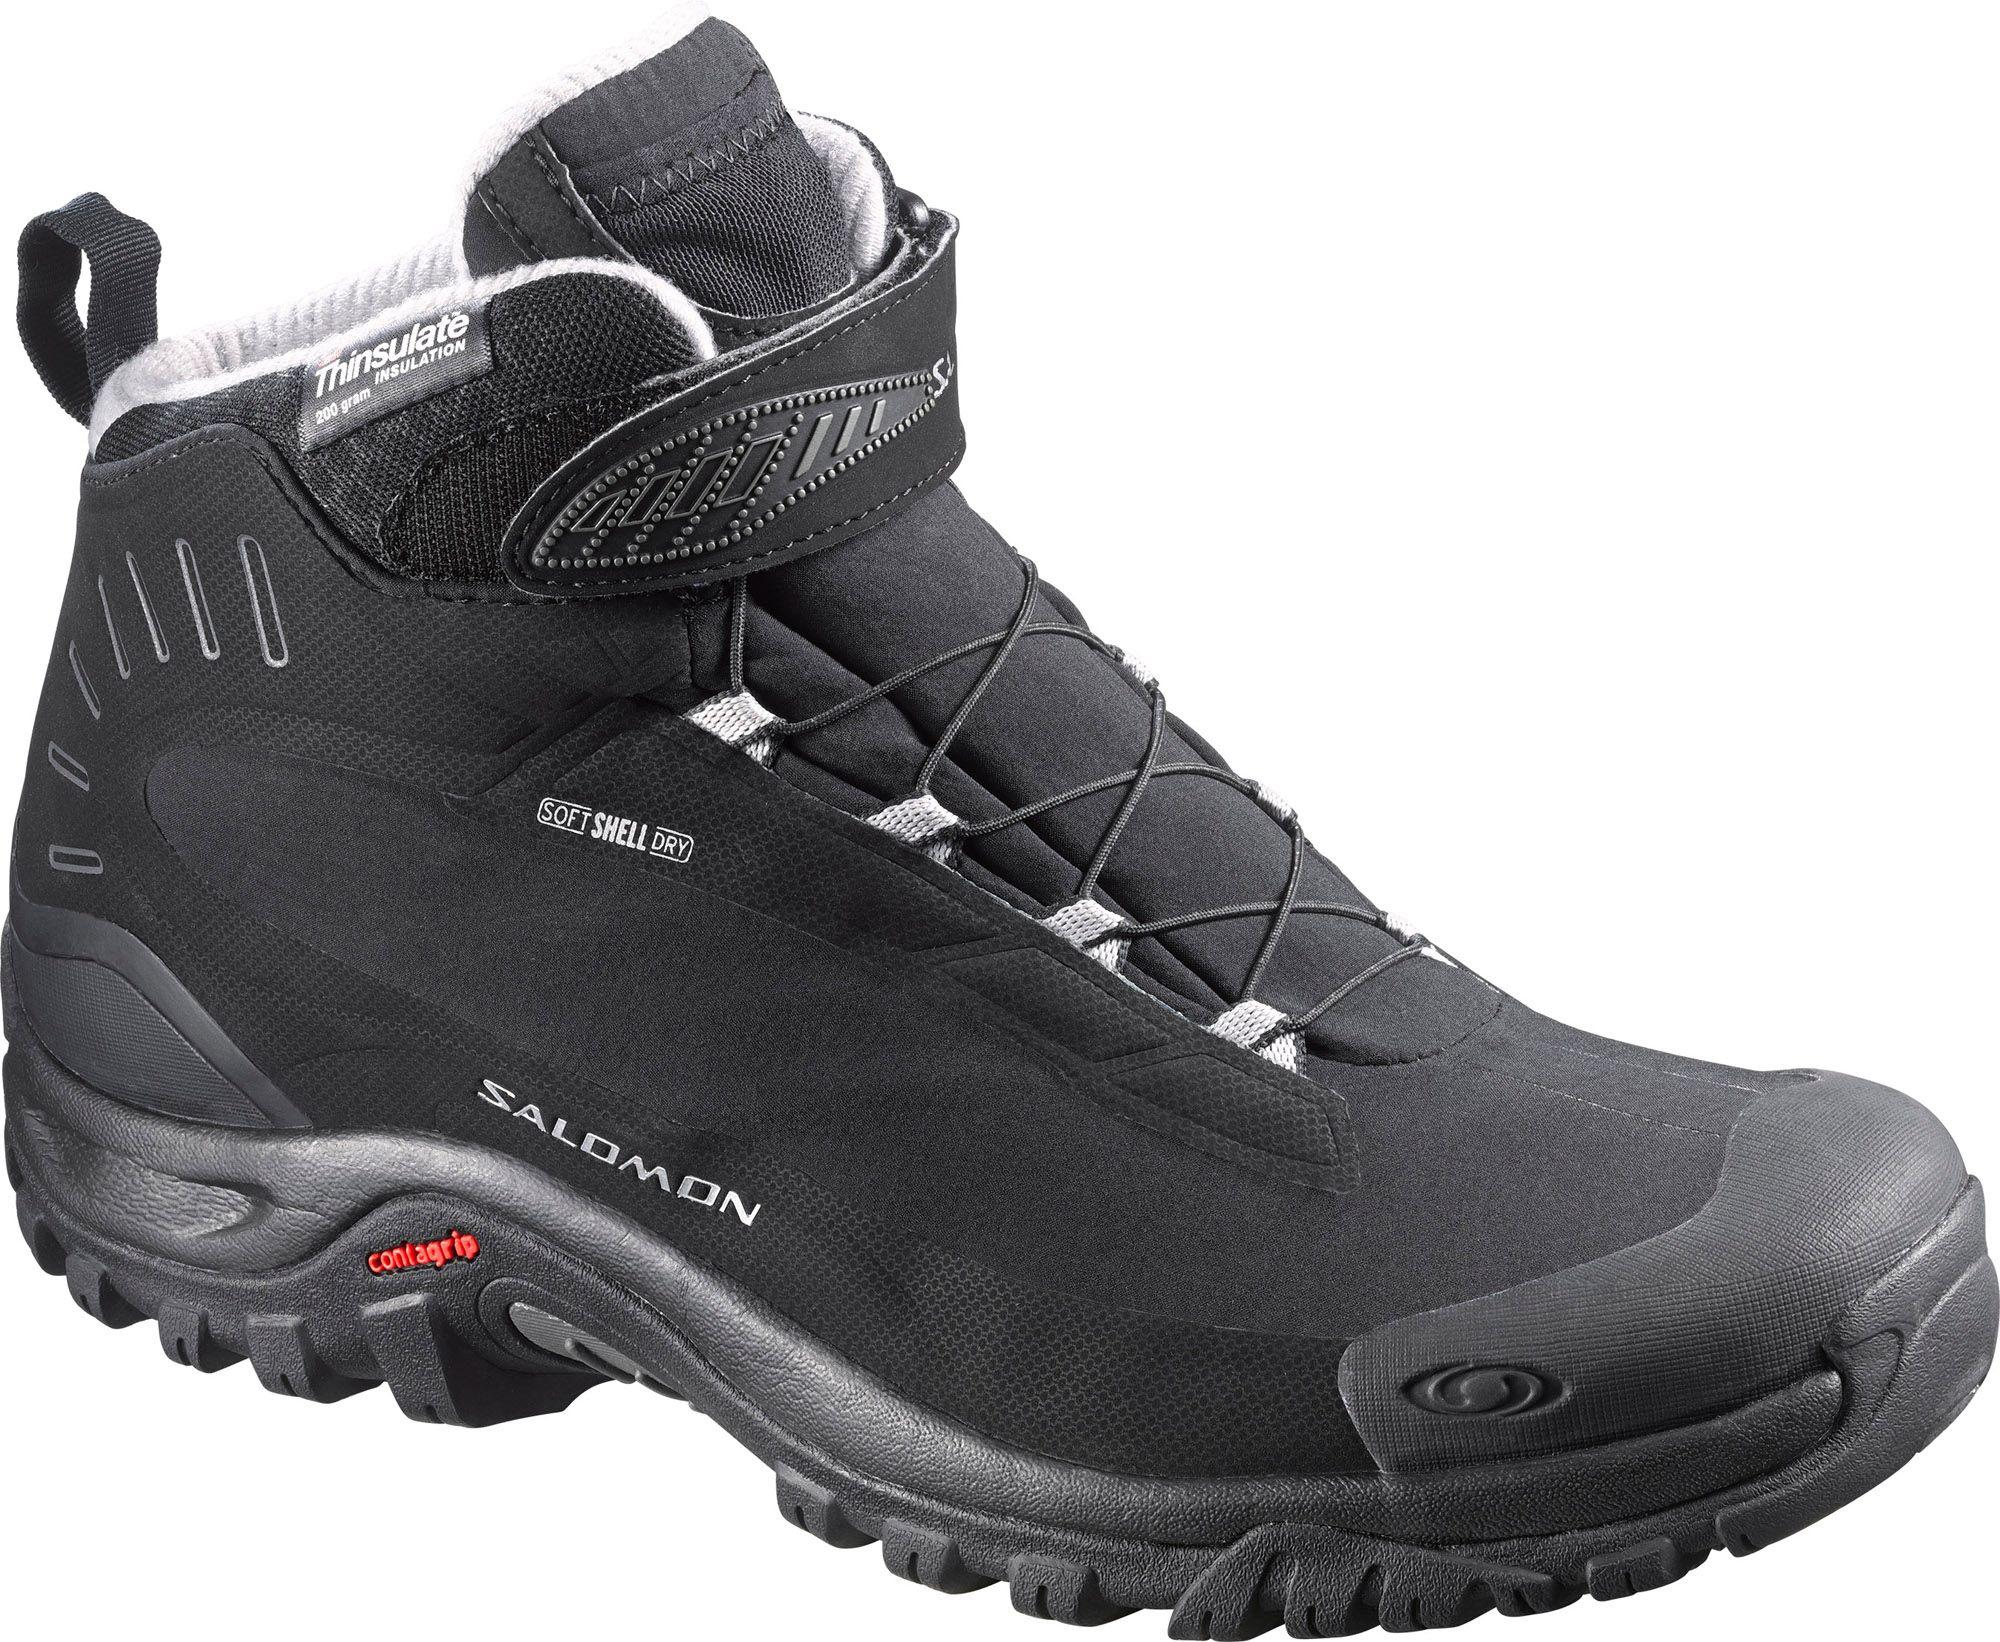 Men's Waterproof Boots | DICK'S Sporting Goods